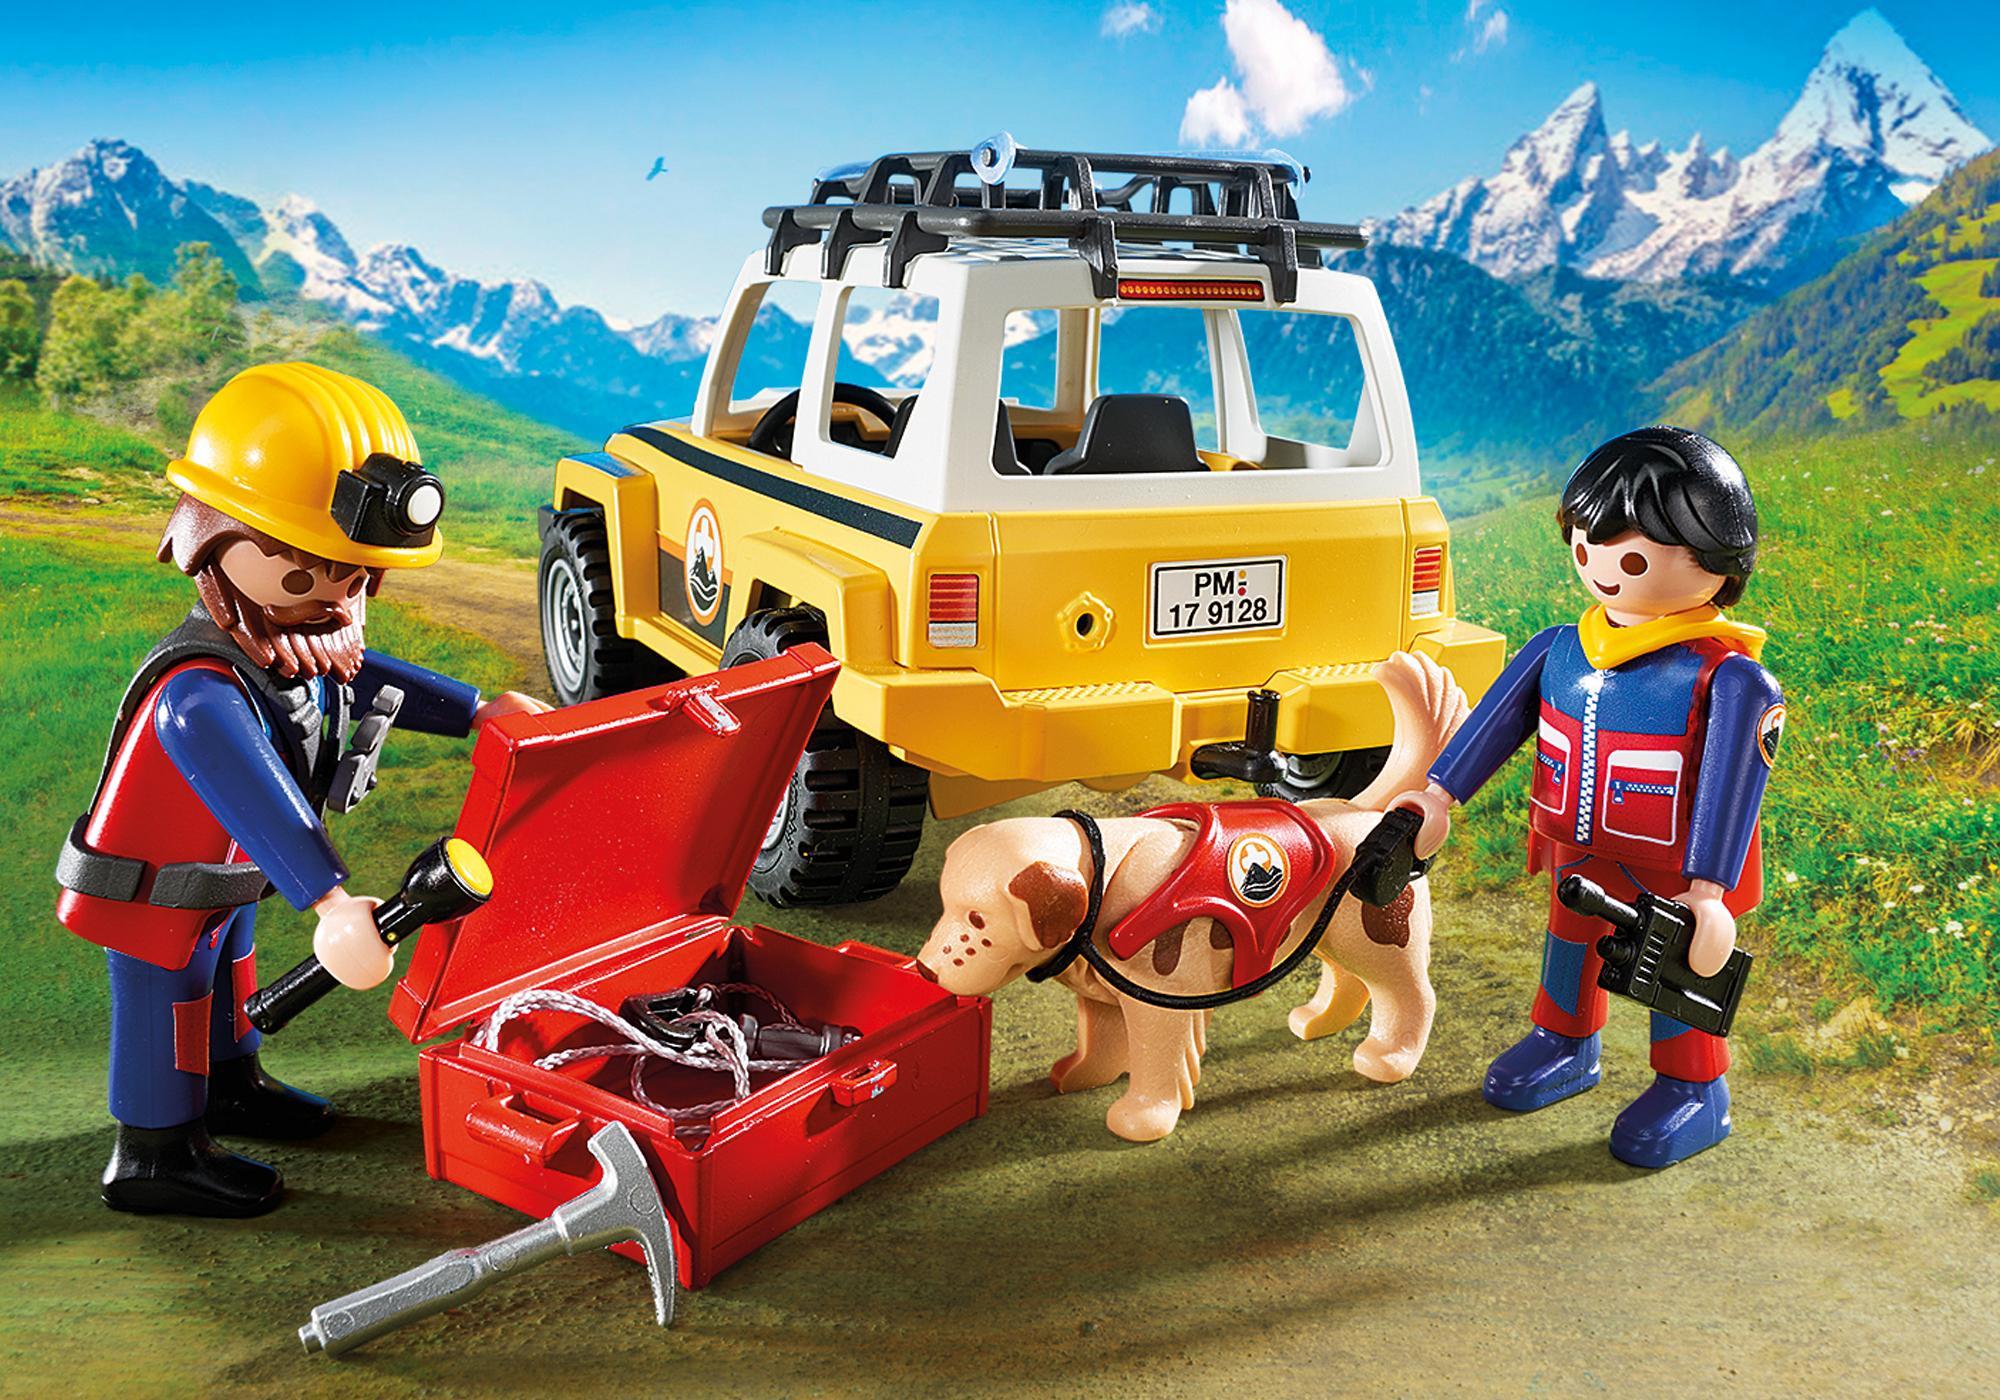 http://media.playmobil.com/i/playmobil/9128_product_extra1/Veículo de Resgate de Montanha